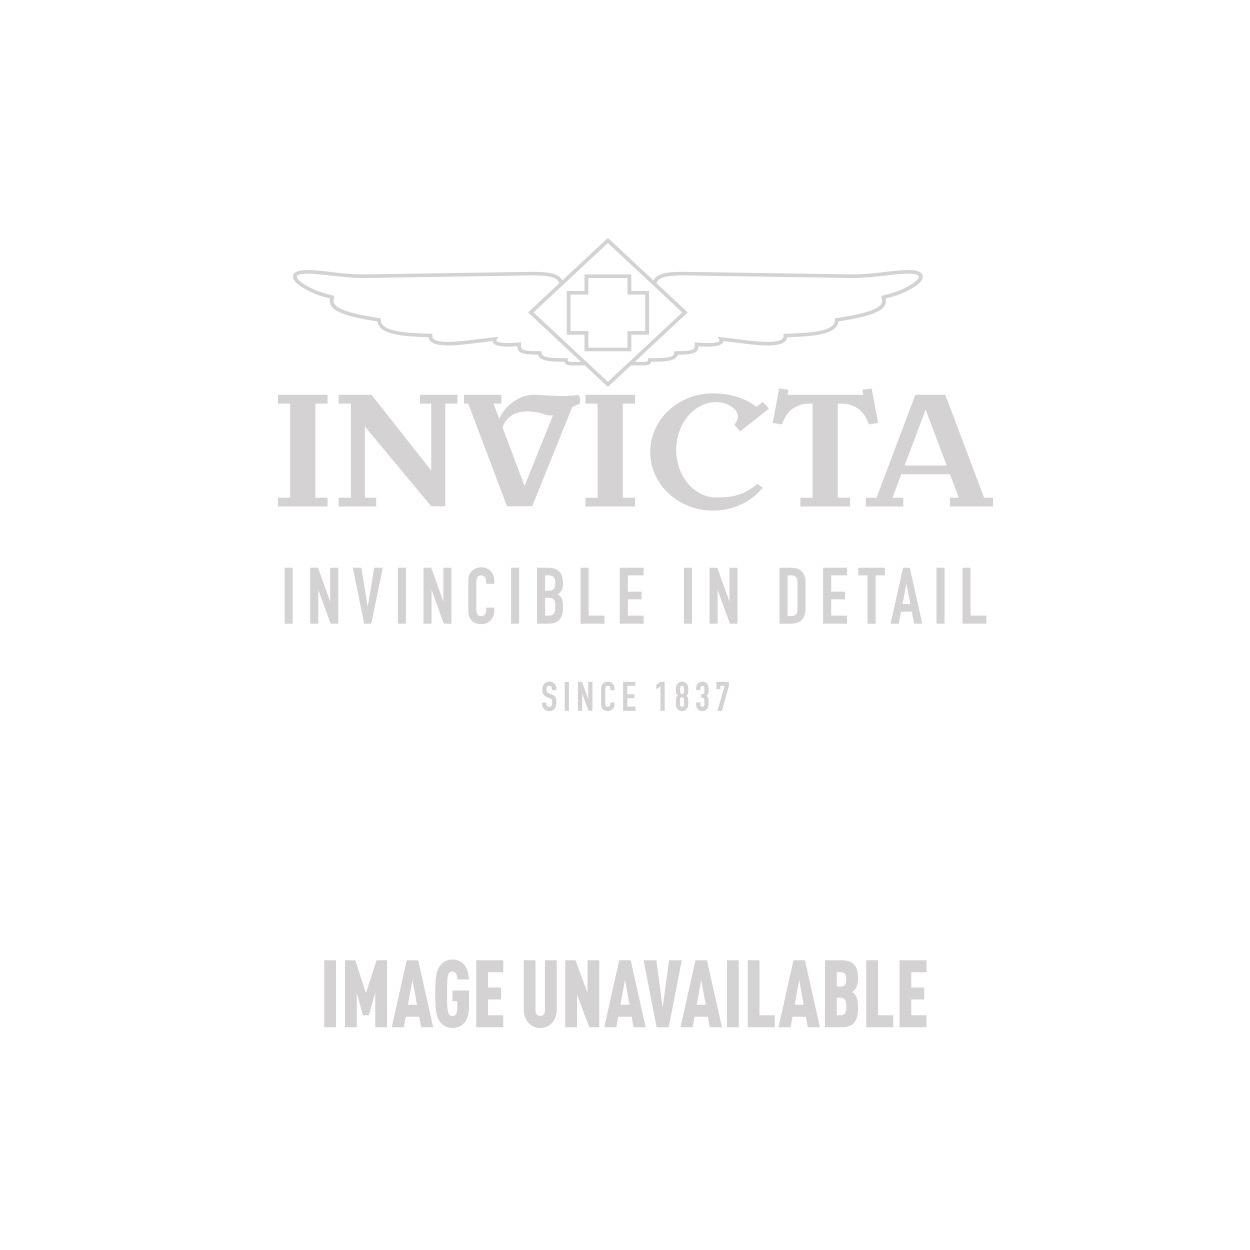 Invicta Model 29611